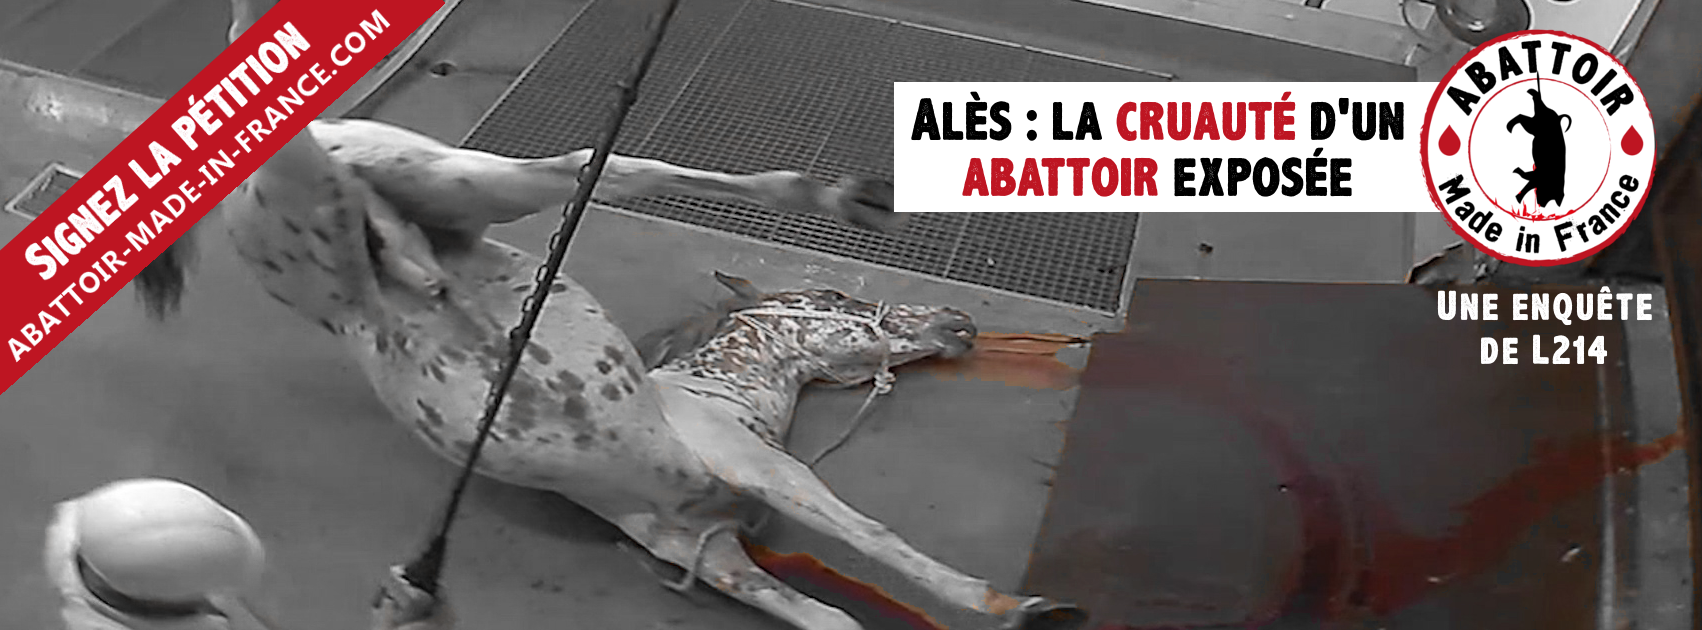 Chevaux découpés vivants, cochons gazés, moutons égorgés en pleine conscience, les images choc de l'abattoir d'Alès [Vidéo] 2015-10-13-abattoir-made-in-france-couv-facebook-851